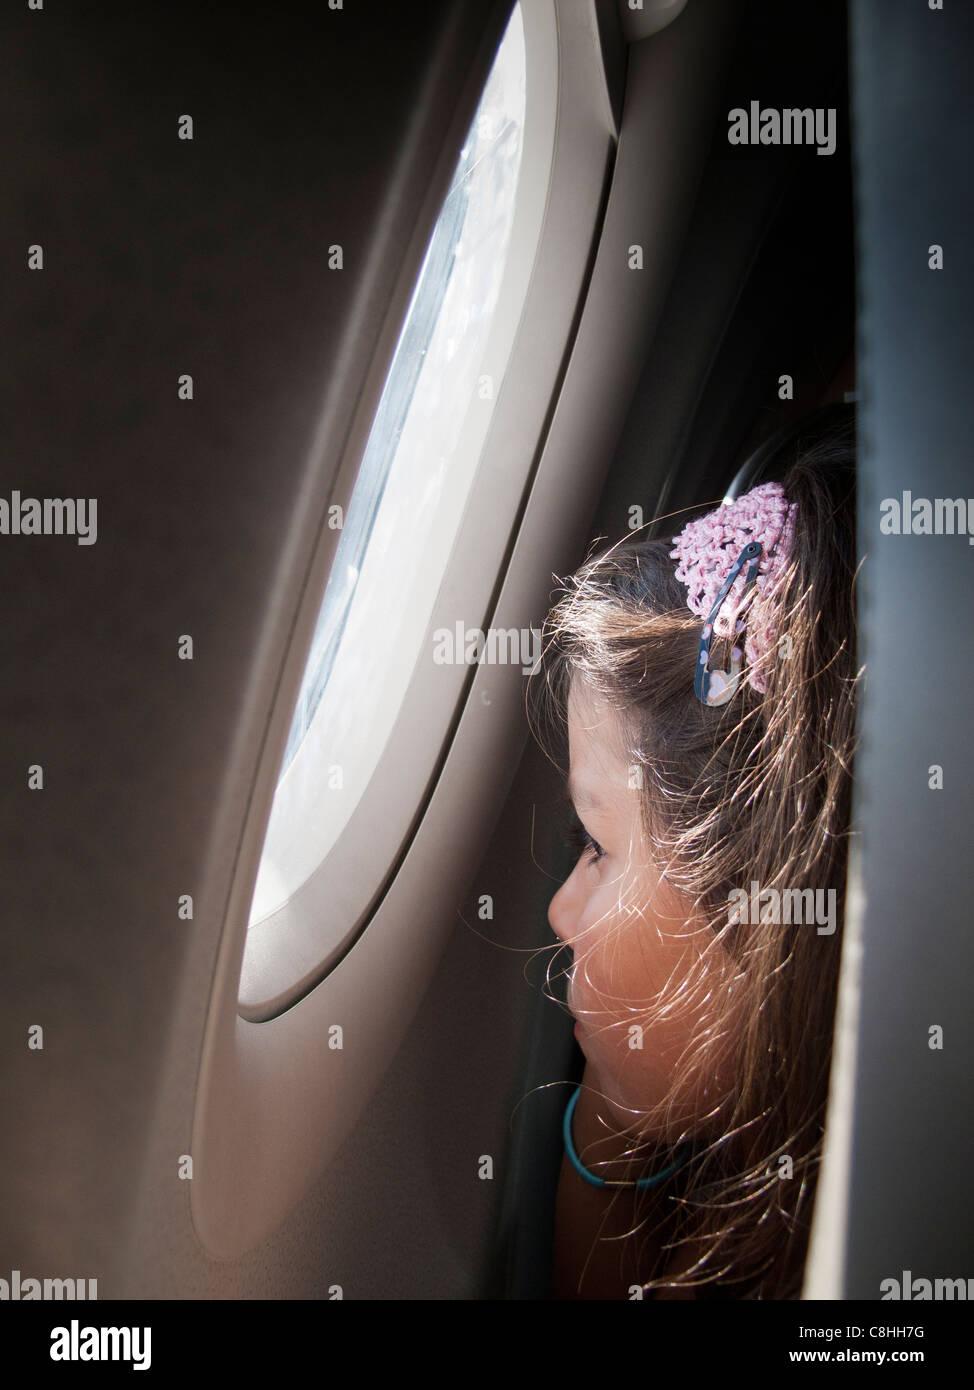 Kind schaut aus dem Fenster auf einem Flugzeug Stockbild